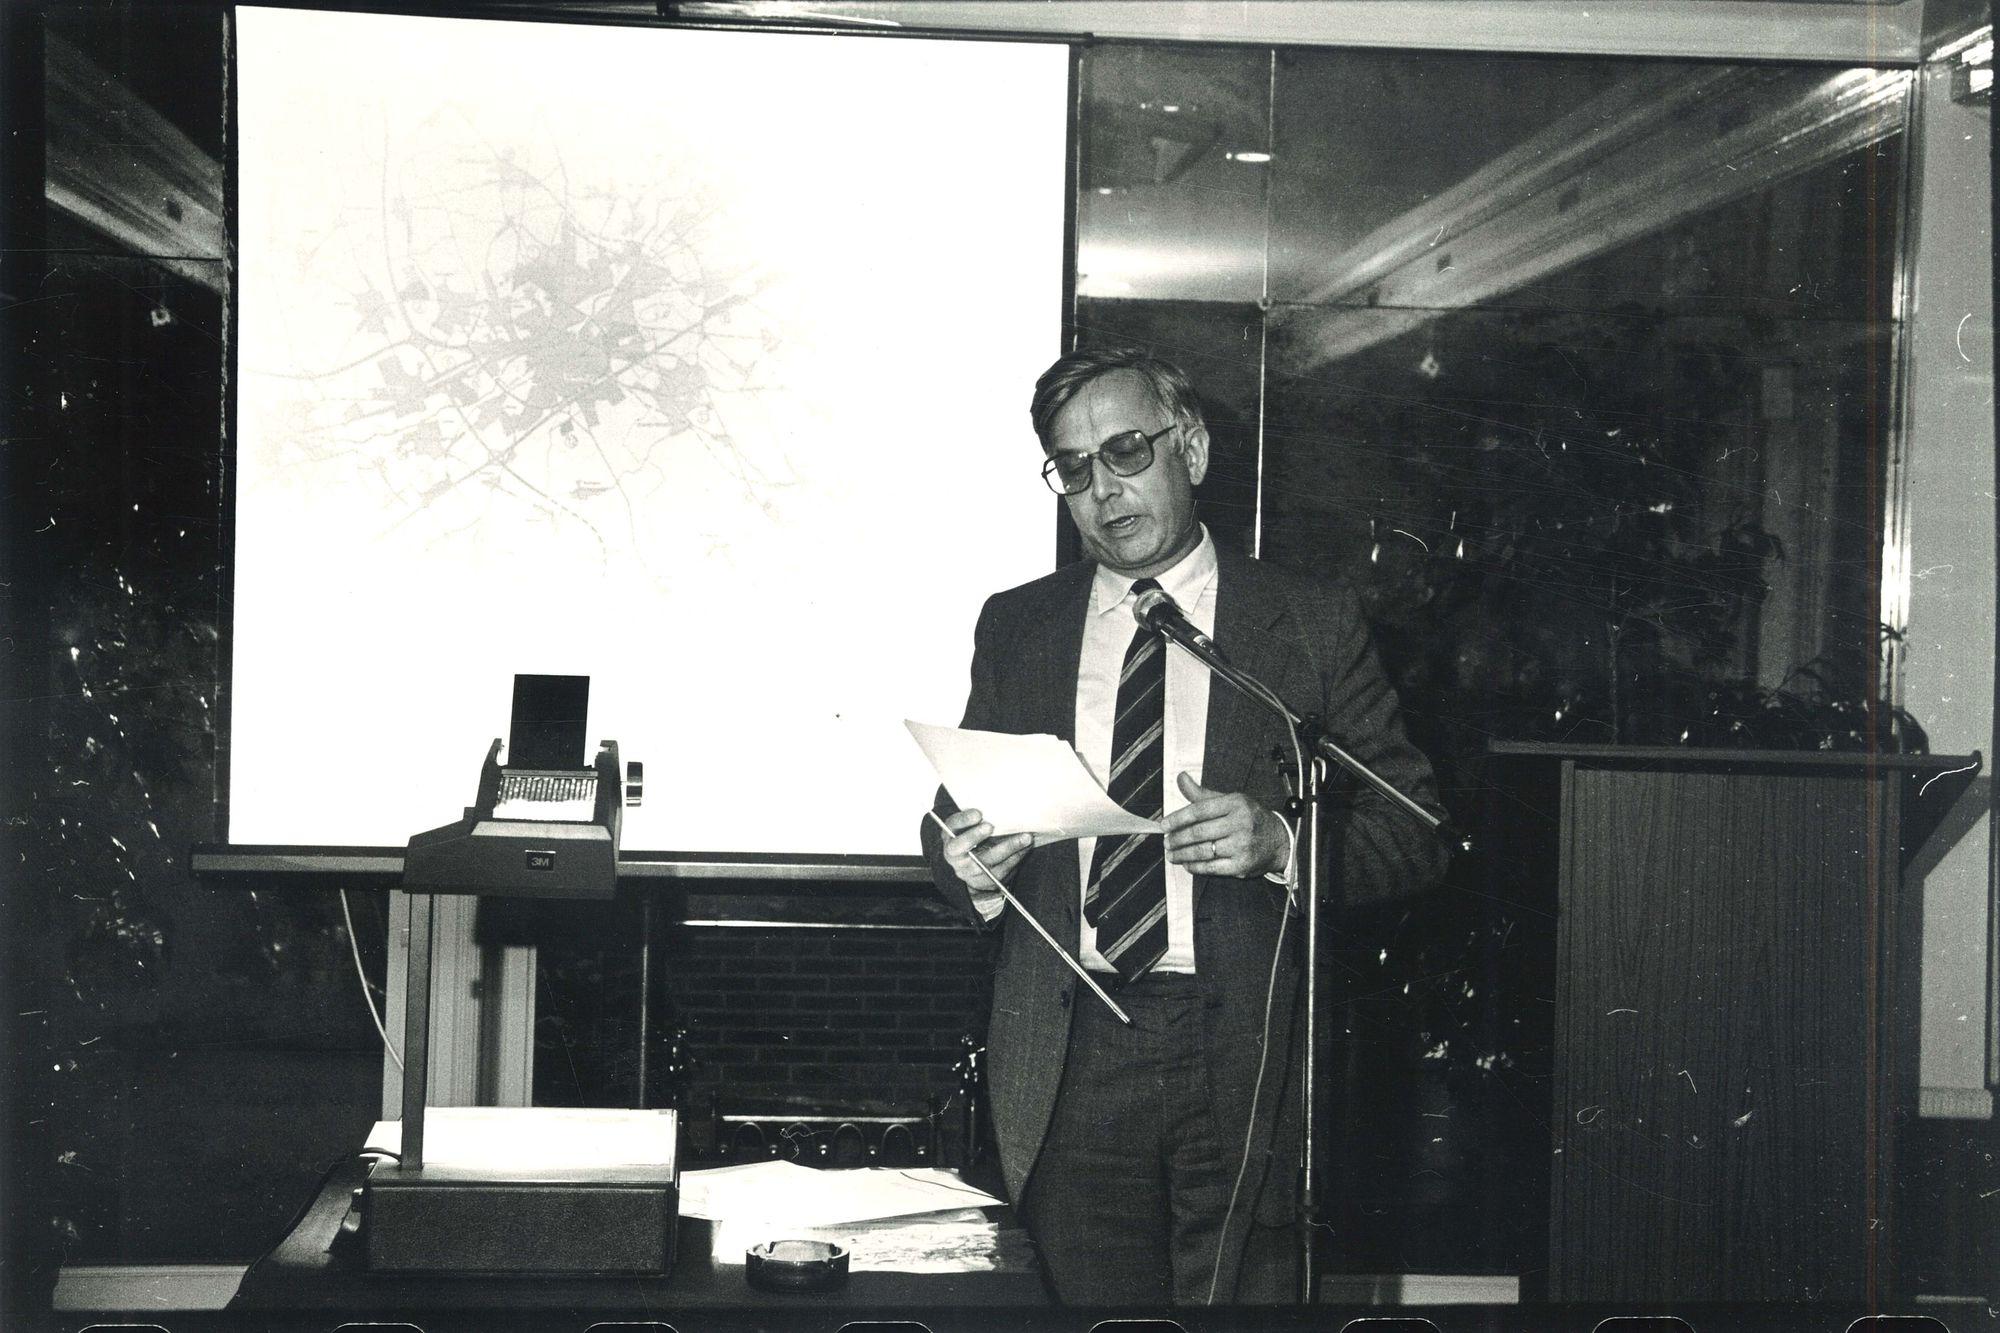 Interkommunale Leiedal 1986